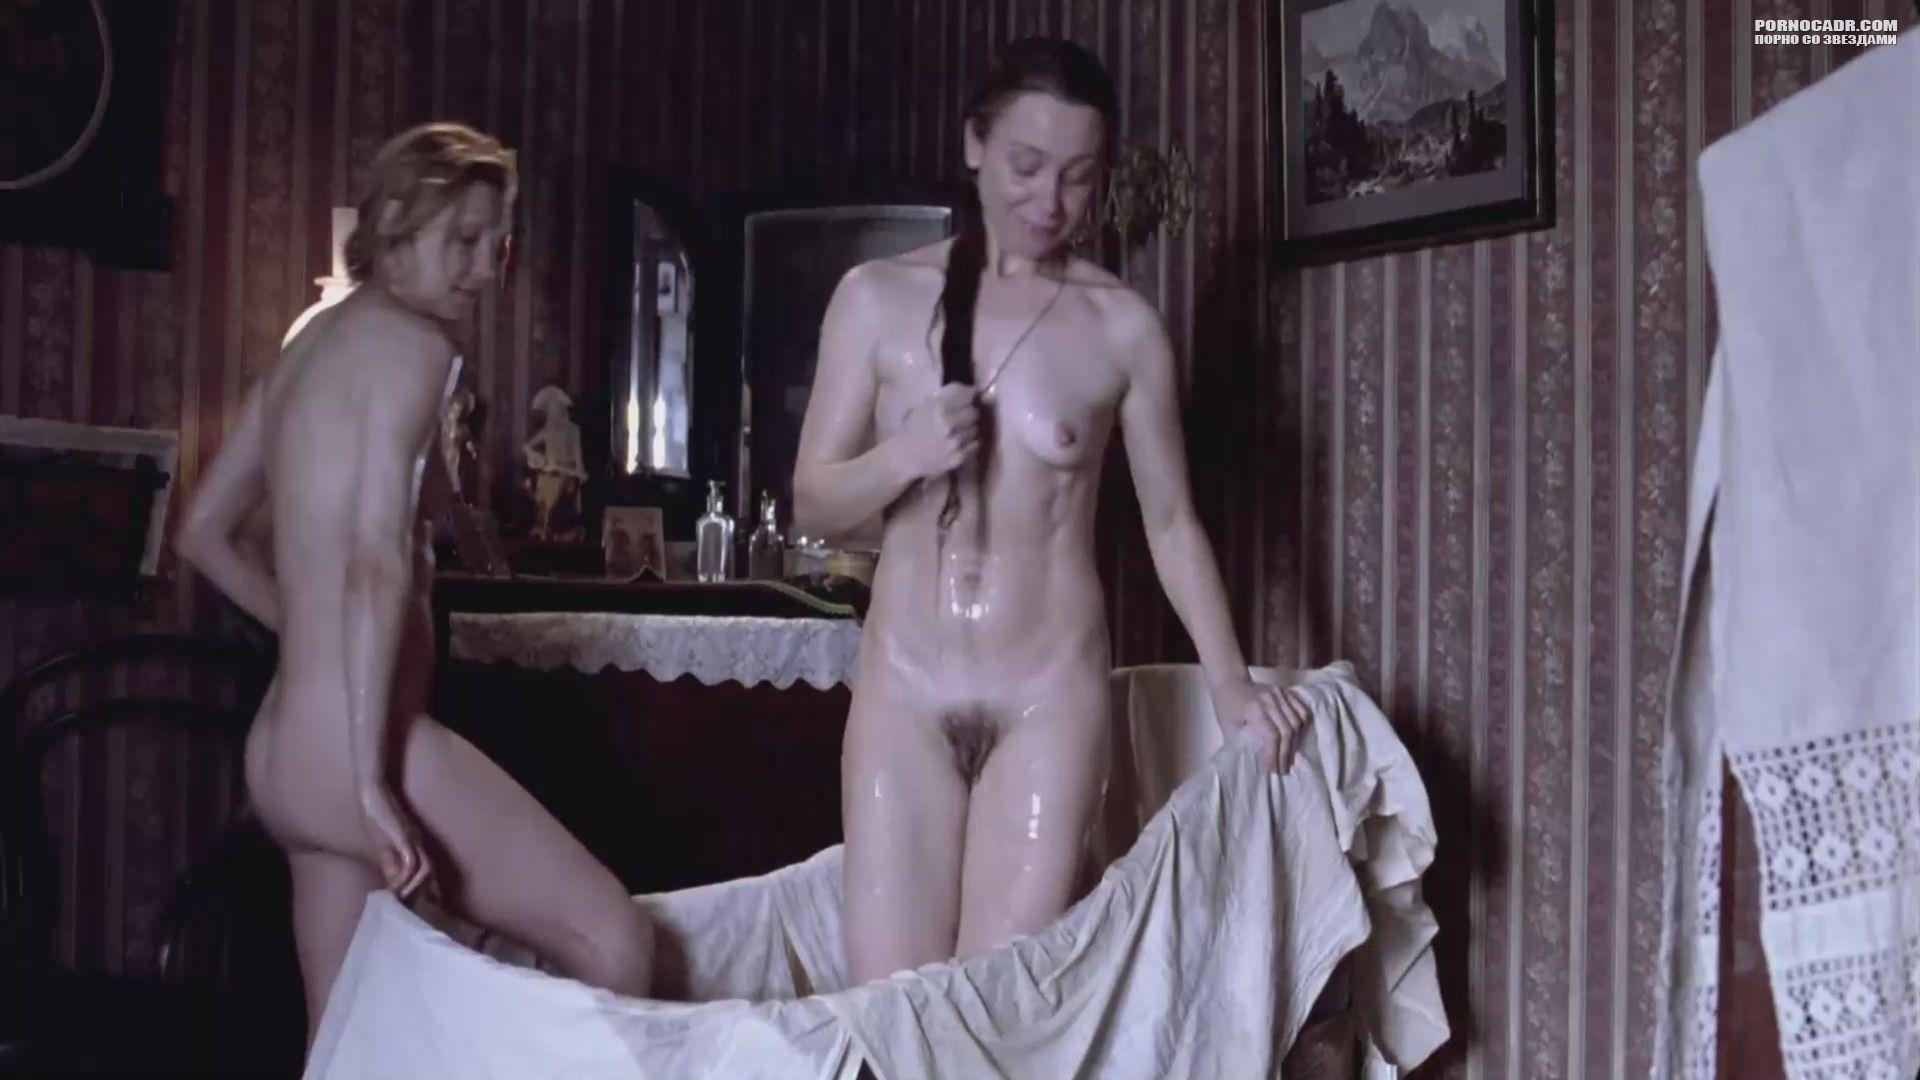 Смотреть интим сцены с российскими актрисами